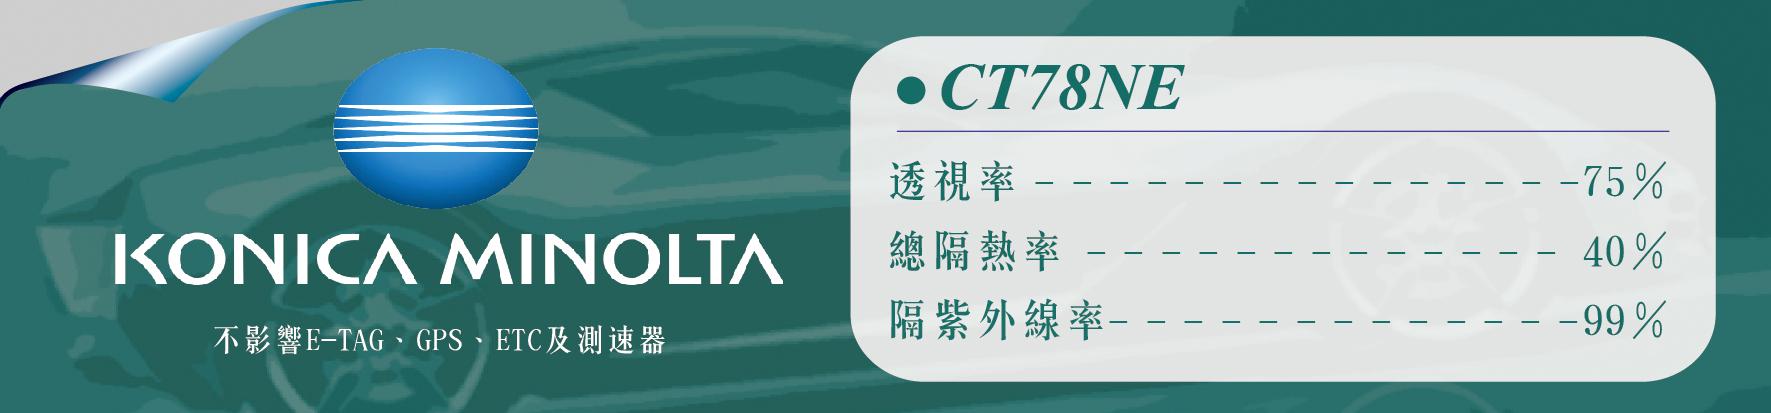 ct78ne隔熱紙